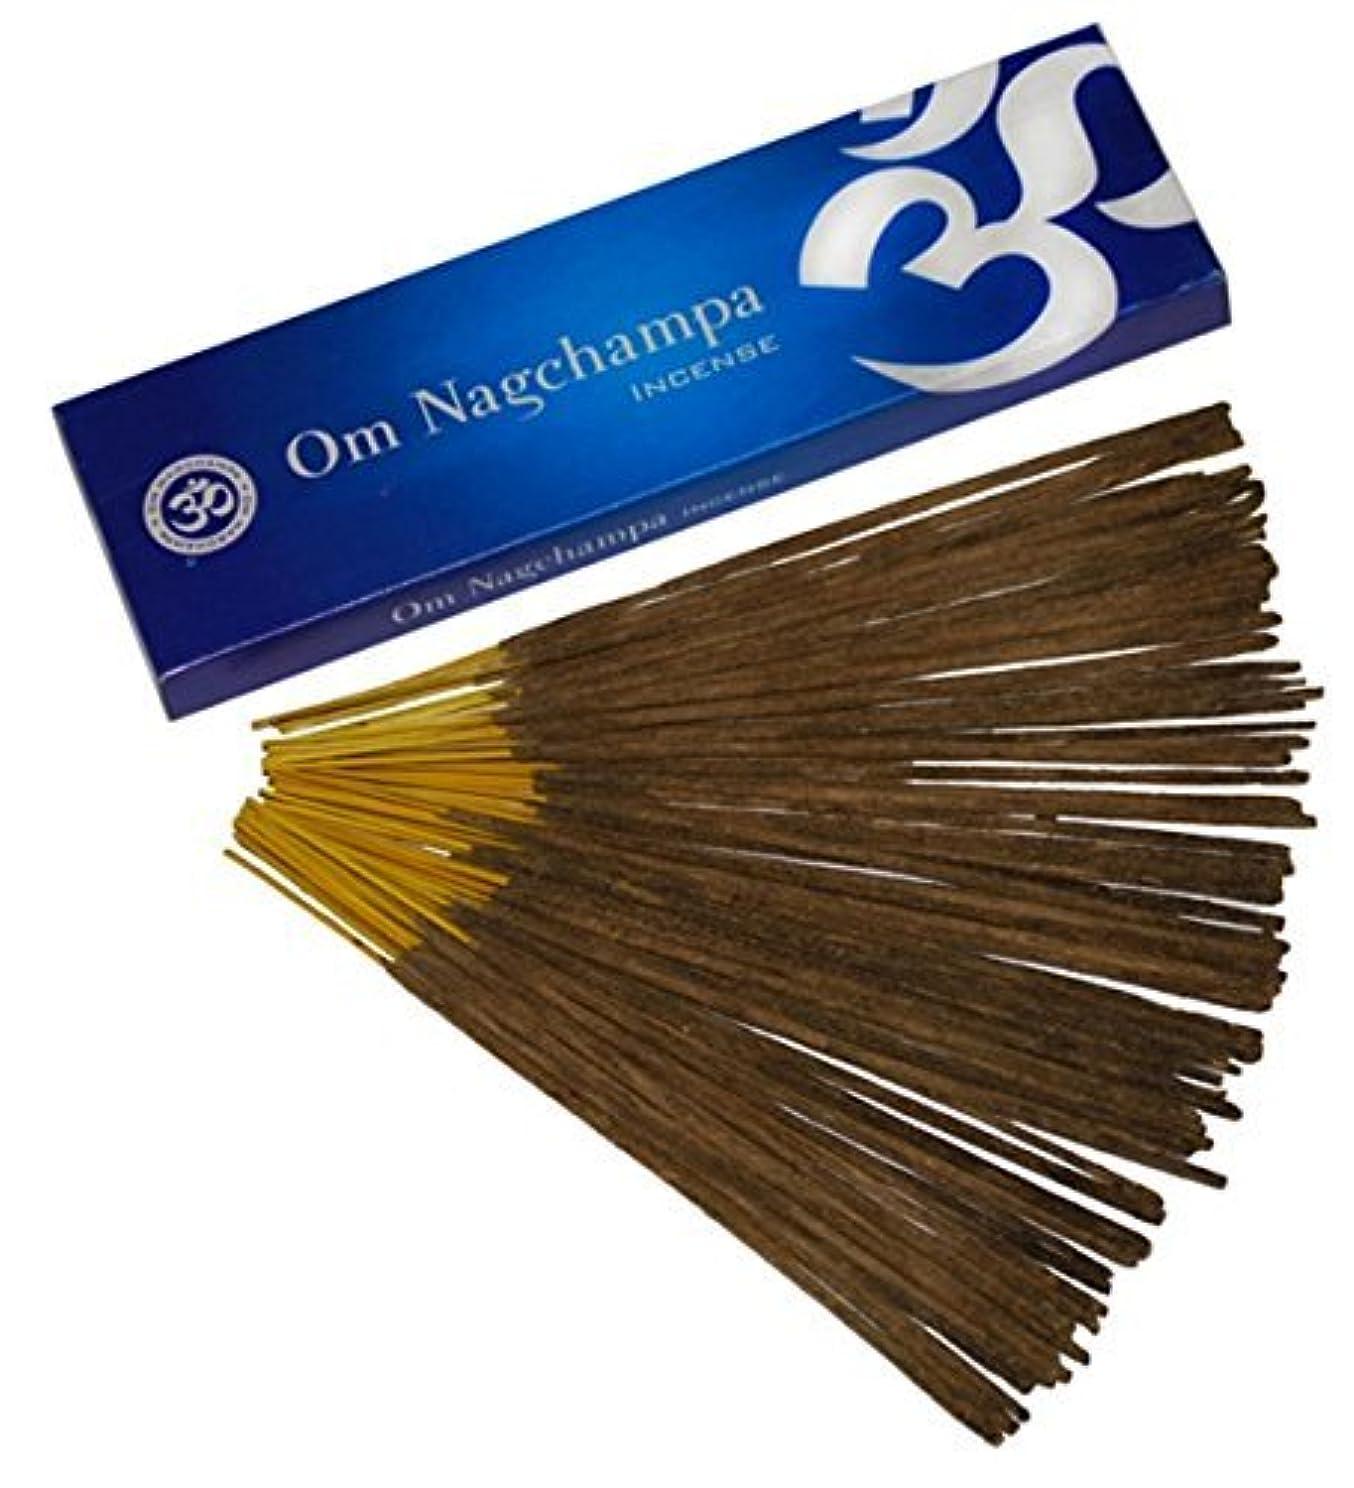 観察する早く暗黙Om Nagchampa Nag ChampaプレミアムIncense Fragrance 15 g 40 g 100 g 100g ブラウン B00MV3LZ9E